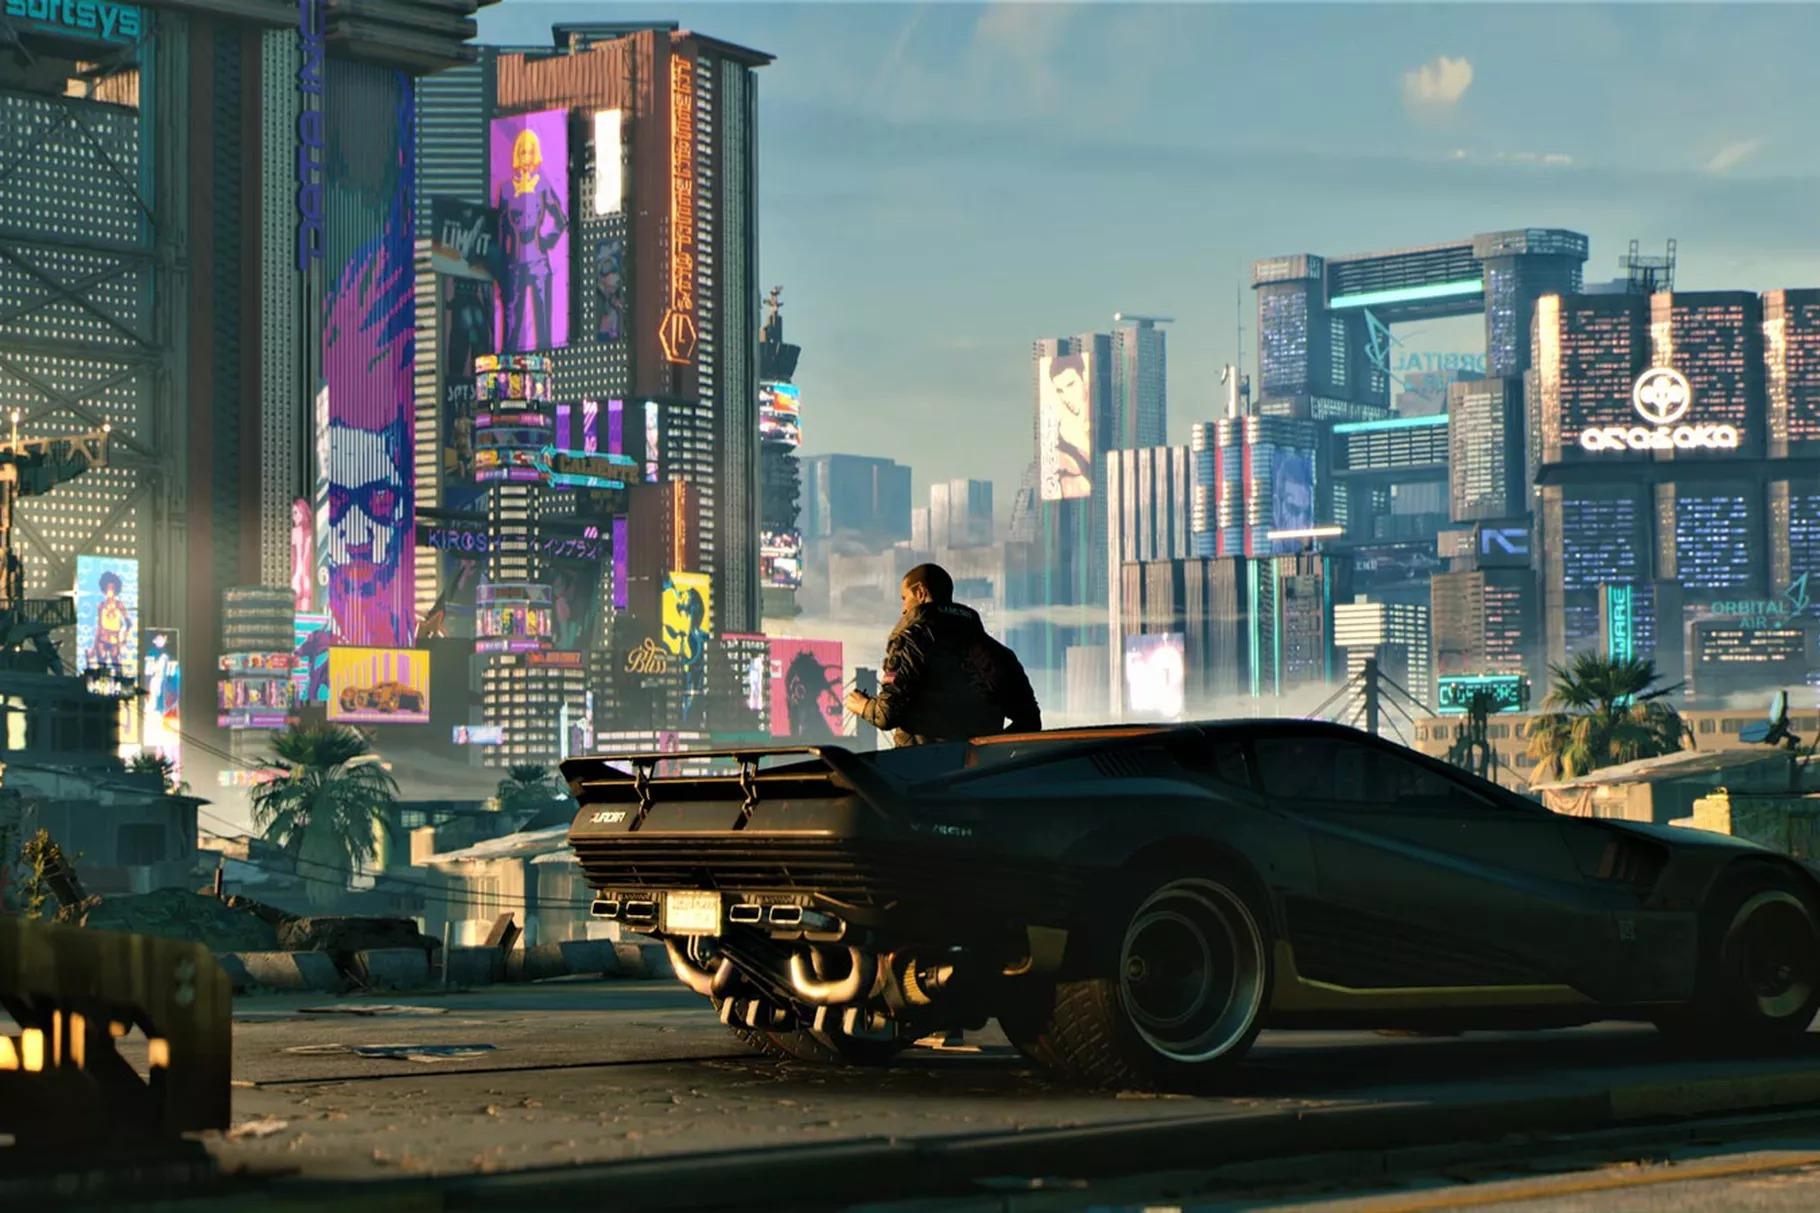 Beklenen oyun Cyberpunk 2077'nin yayın tarihi ve saati belli oldu